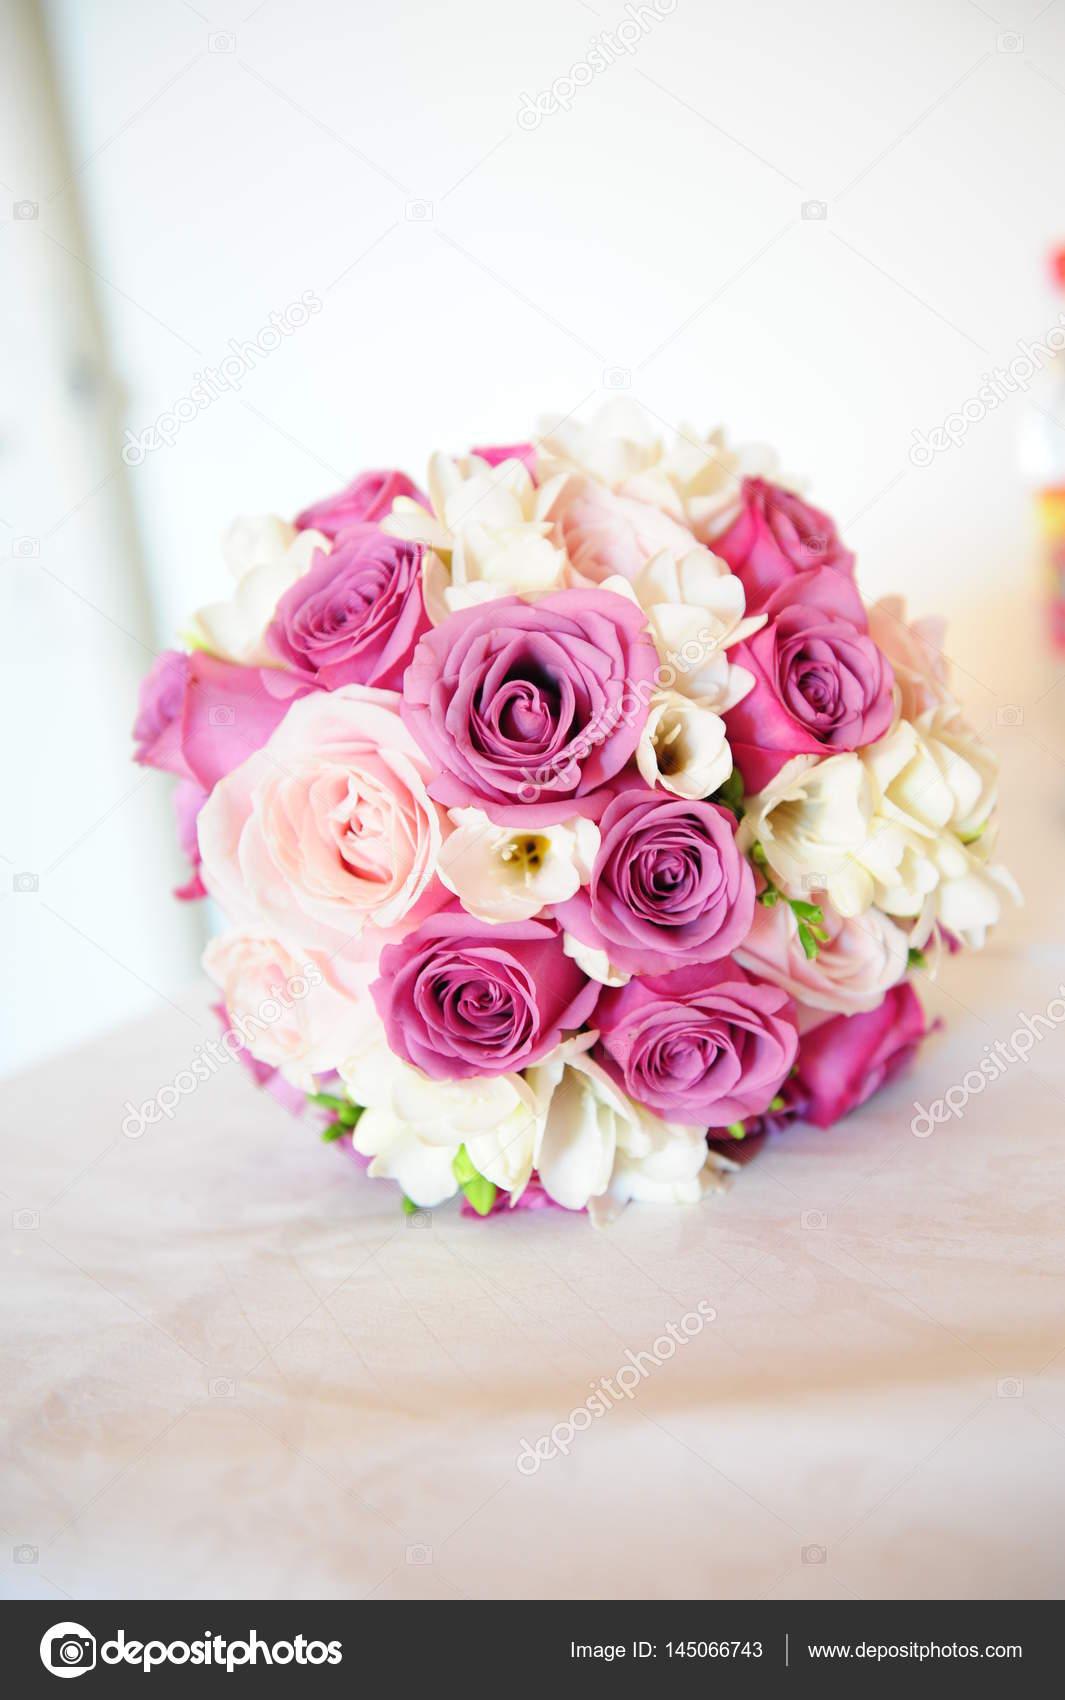 Bouquet Sposa Fucsia.Bouquet Da Sposa Rotondo Con Rose Rosa E Fucsia E Delicate